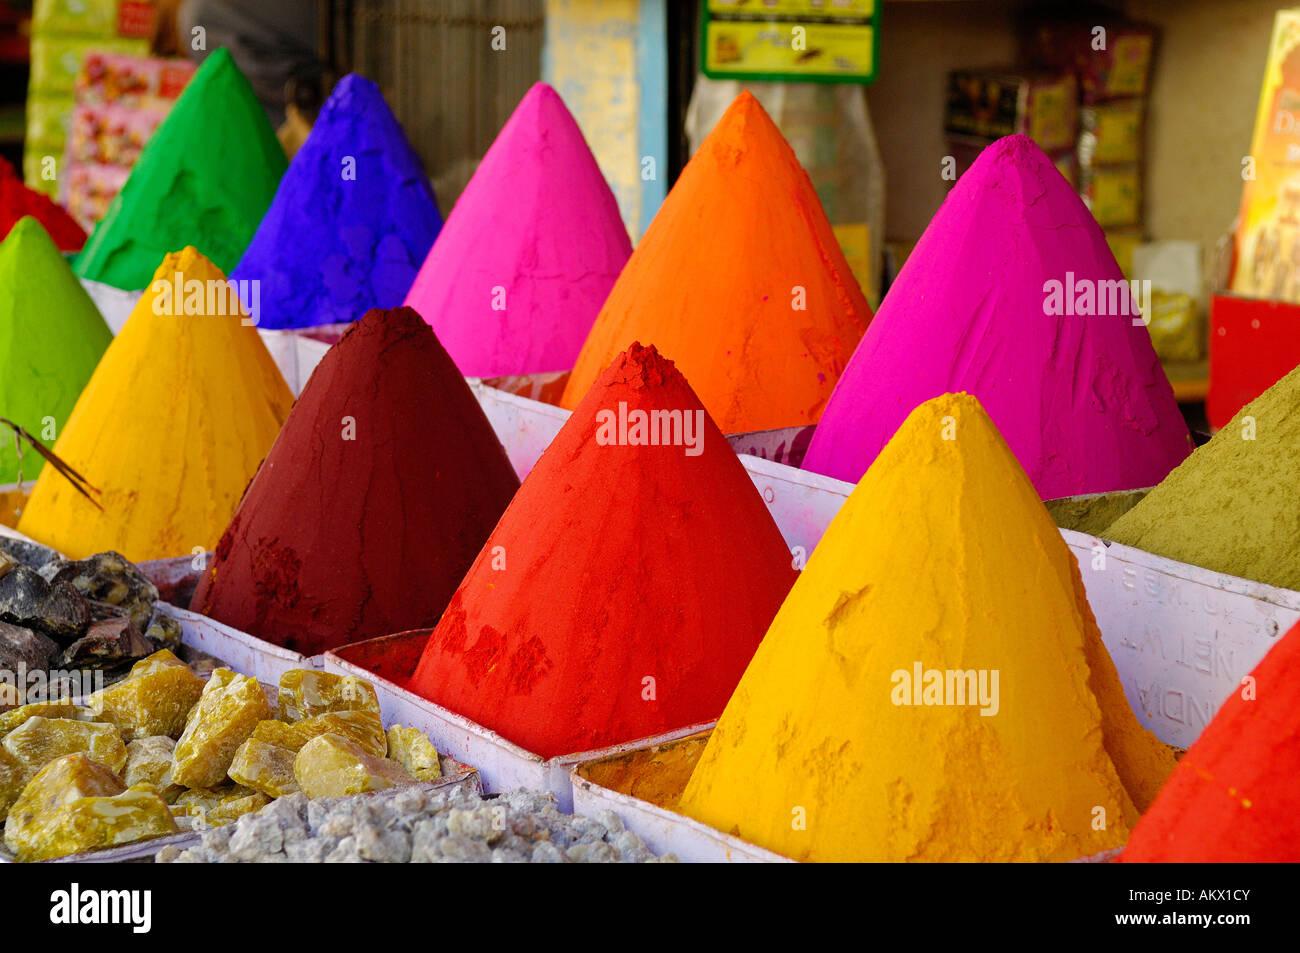 India, Karnataka, Bijapur, array di colorante sul mercato Immagini Stock